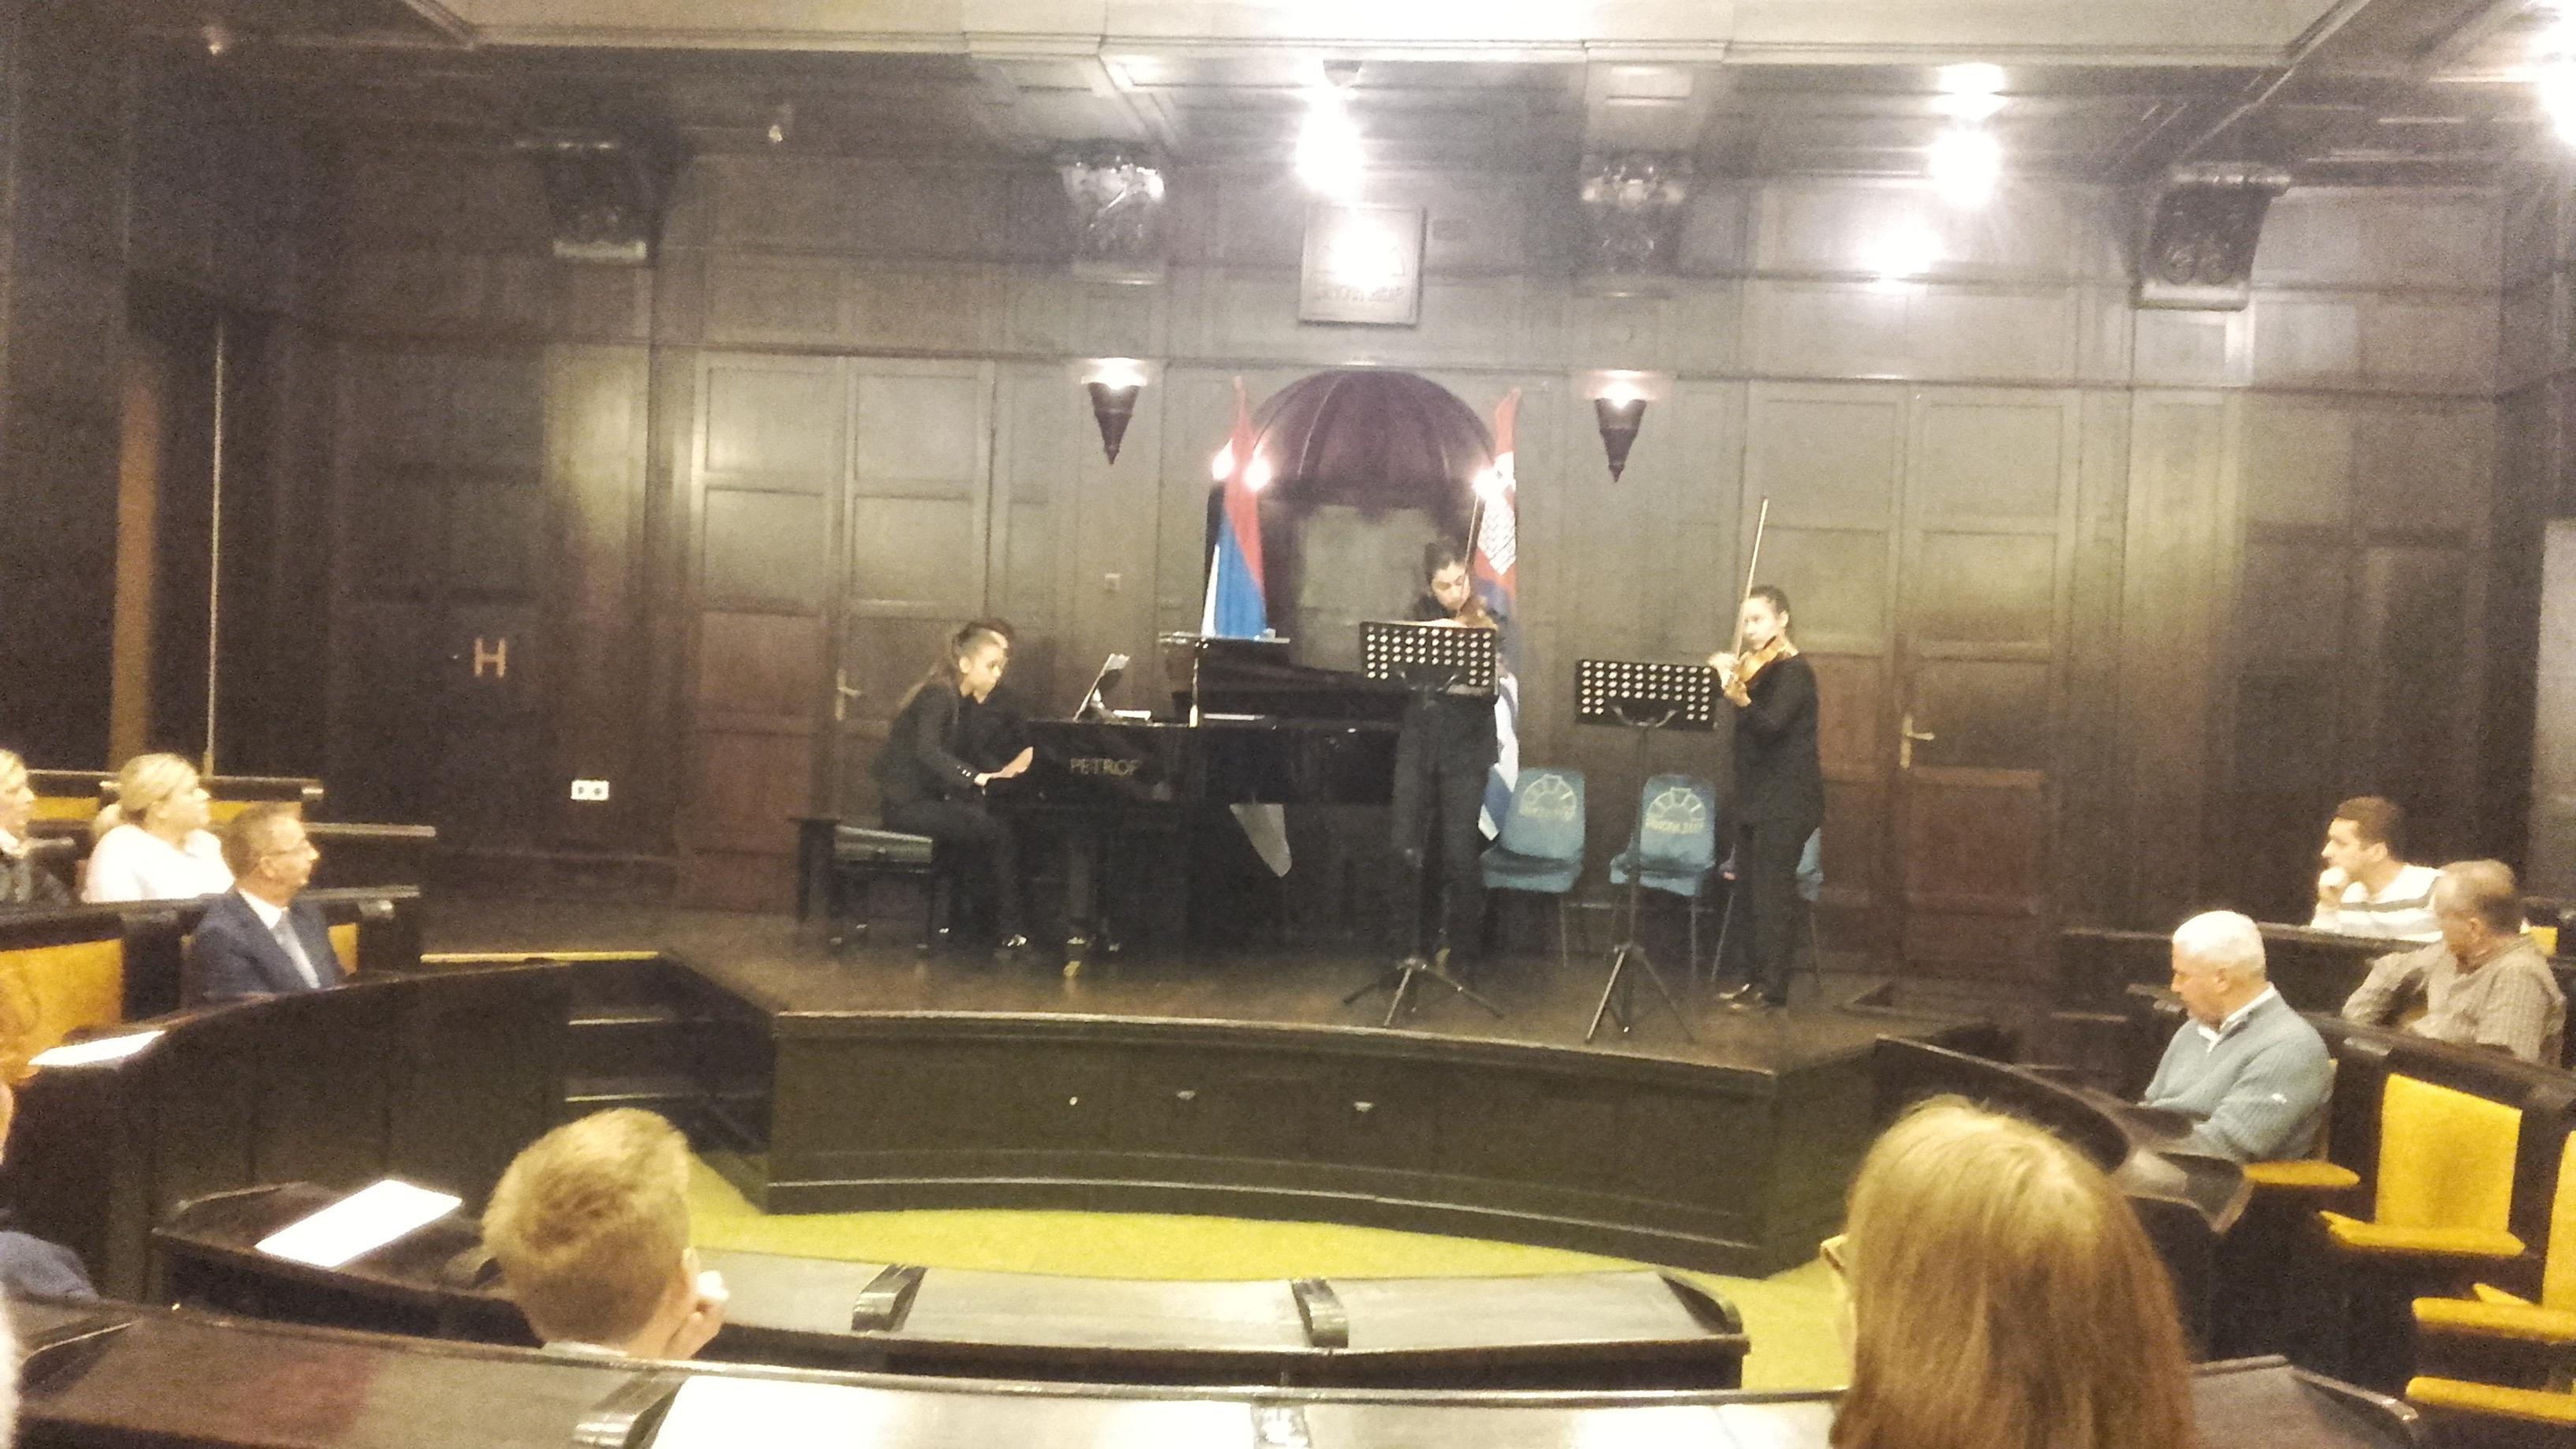 Поводом дана сјећења на жртве саобраћајних незгода у Банском двору одржан концерт класичне музике